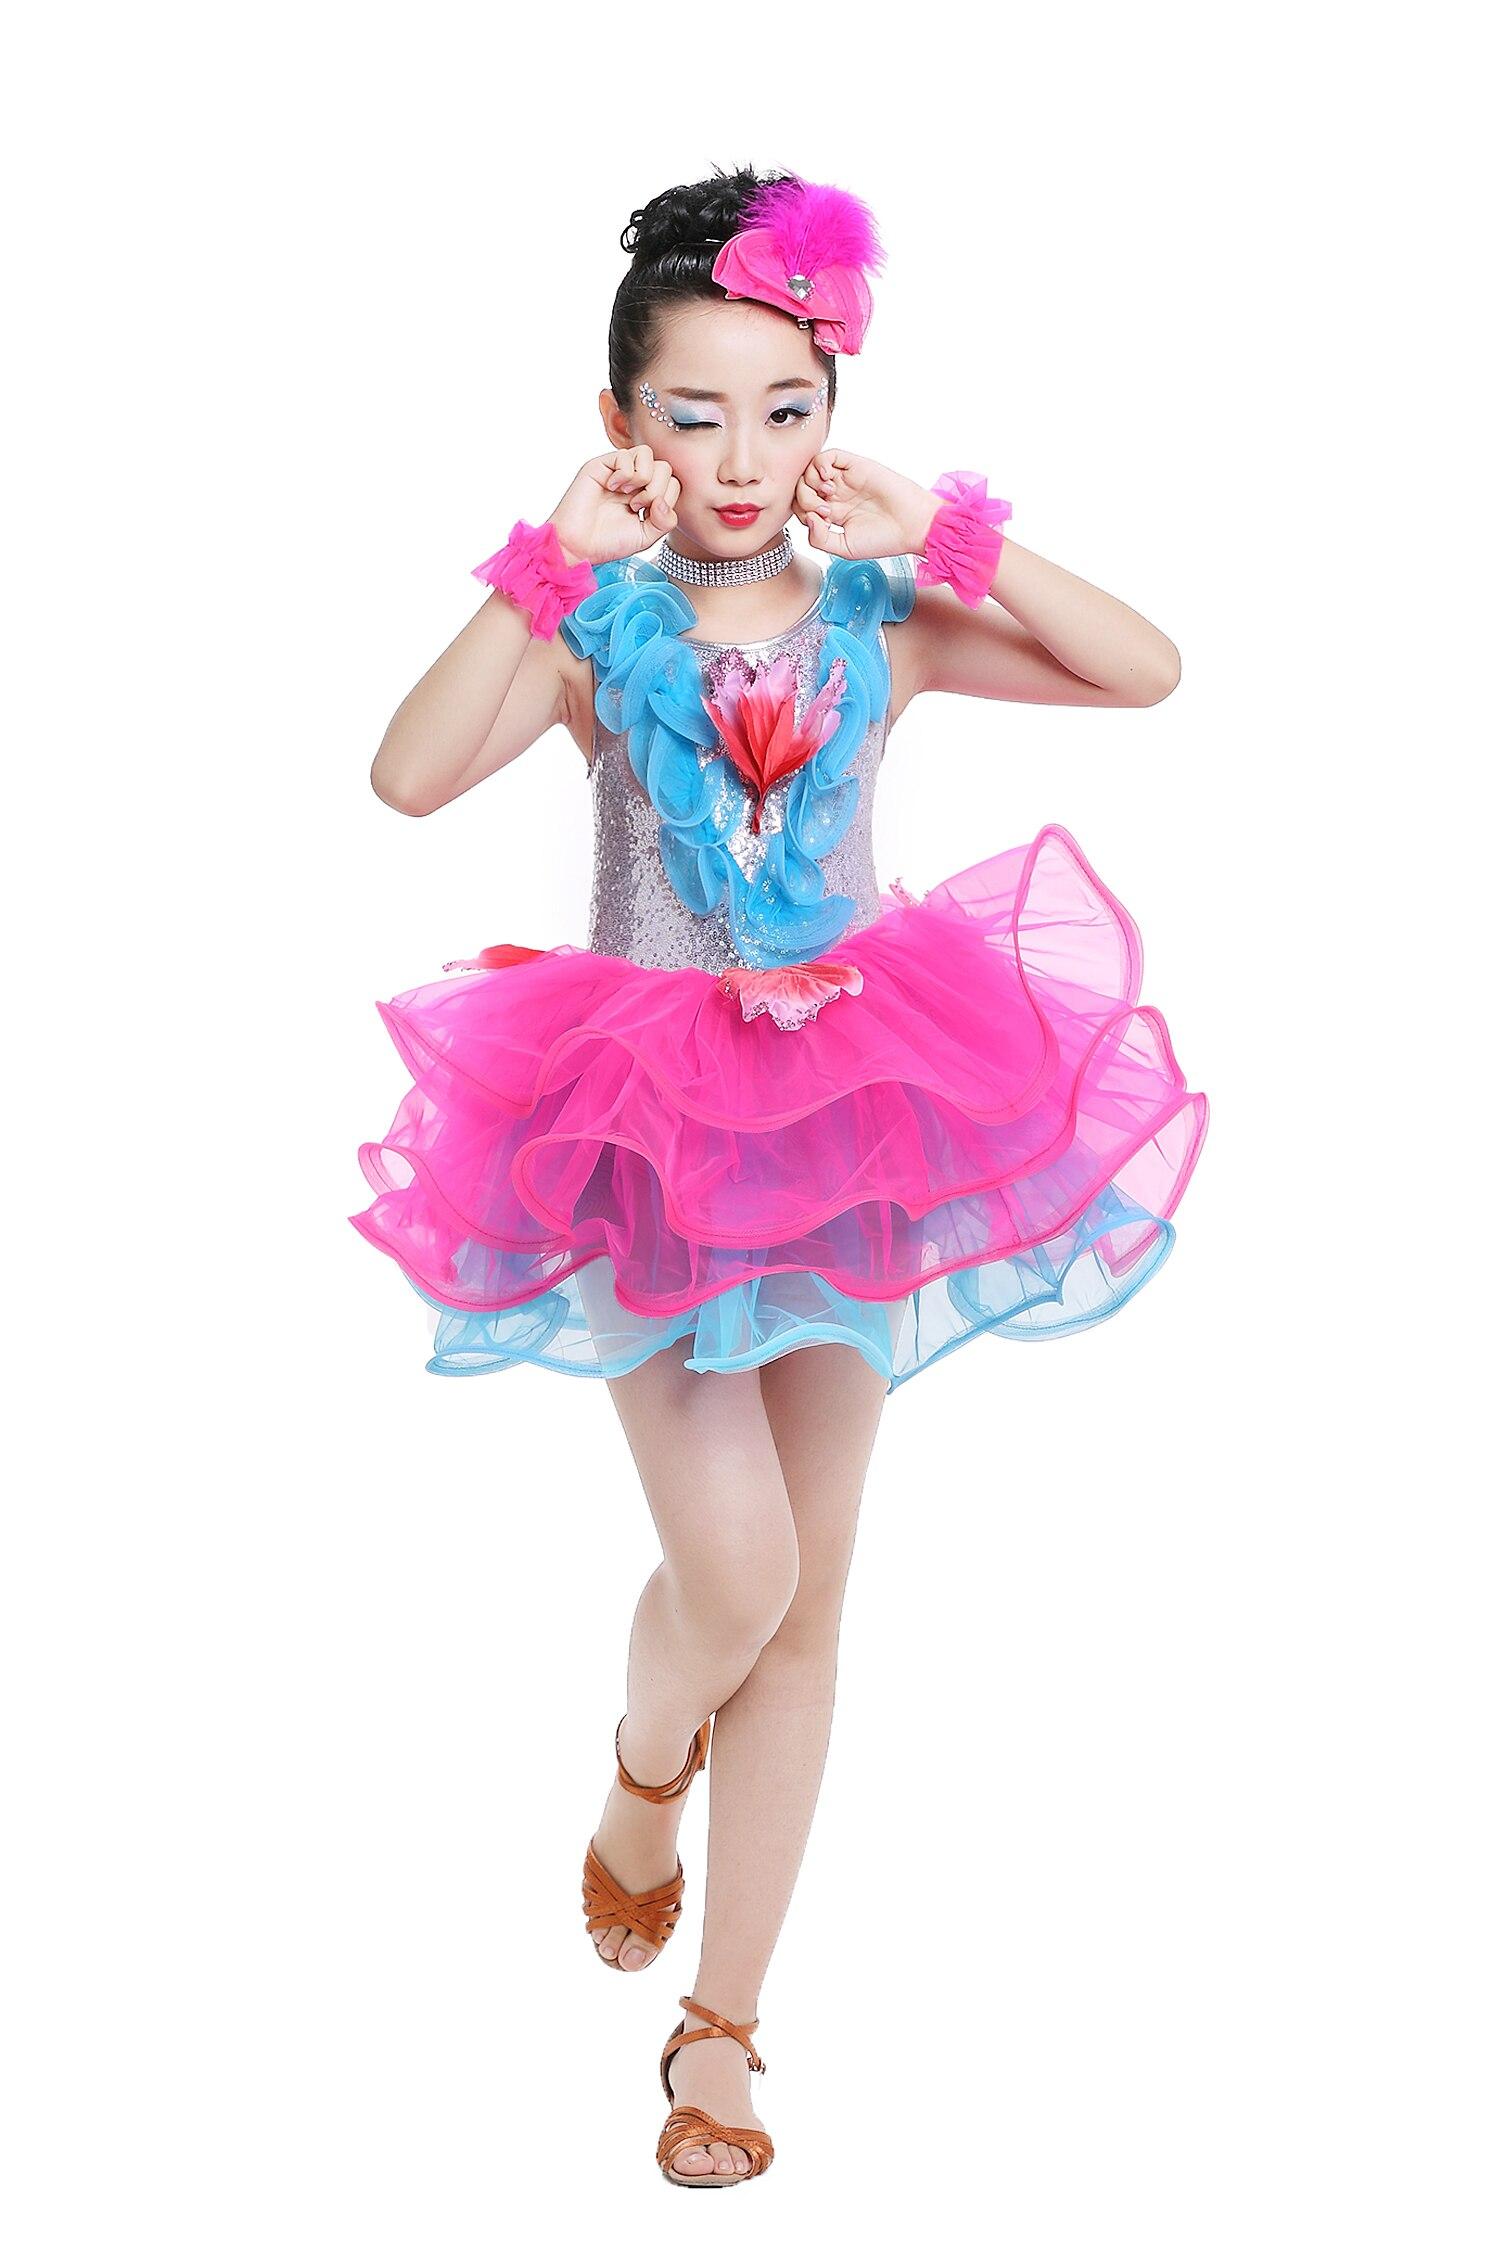 Perfecto Trajes De Baile Impresionante Viñeta - Colección del ...